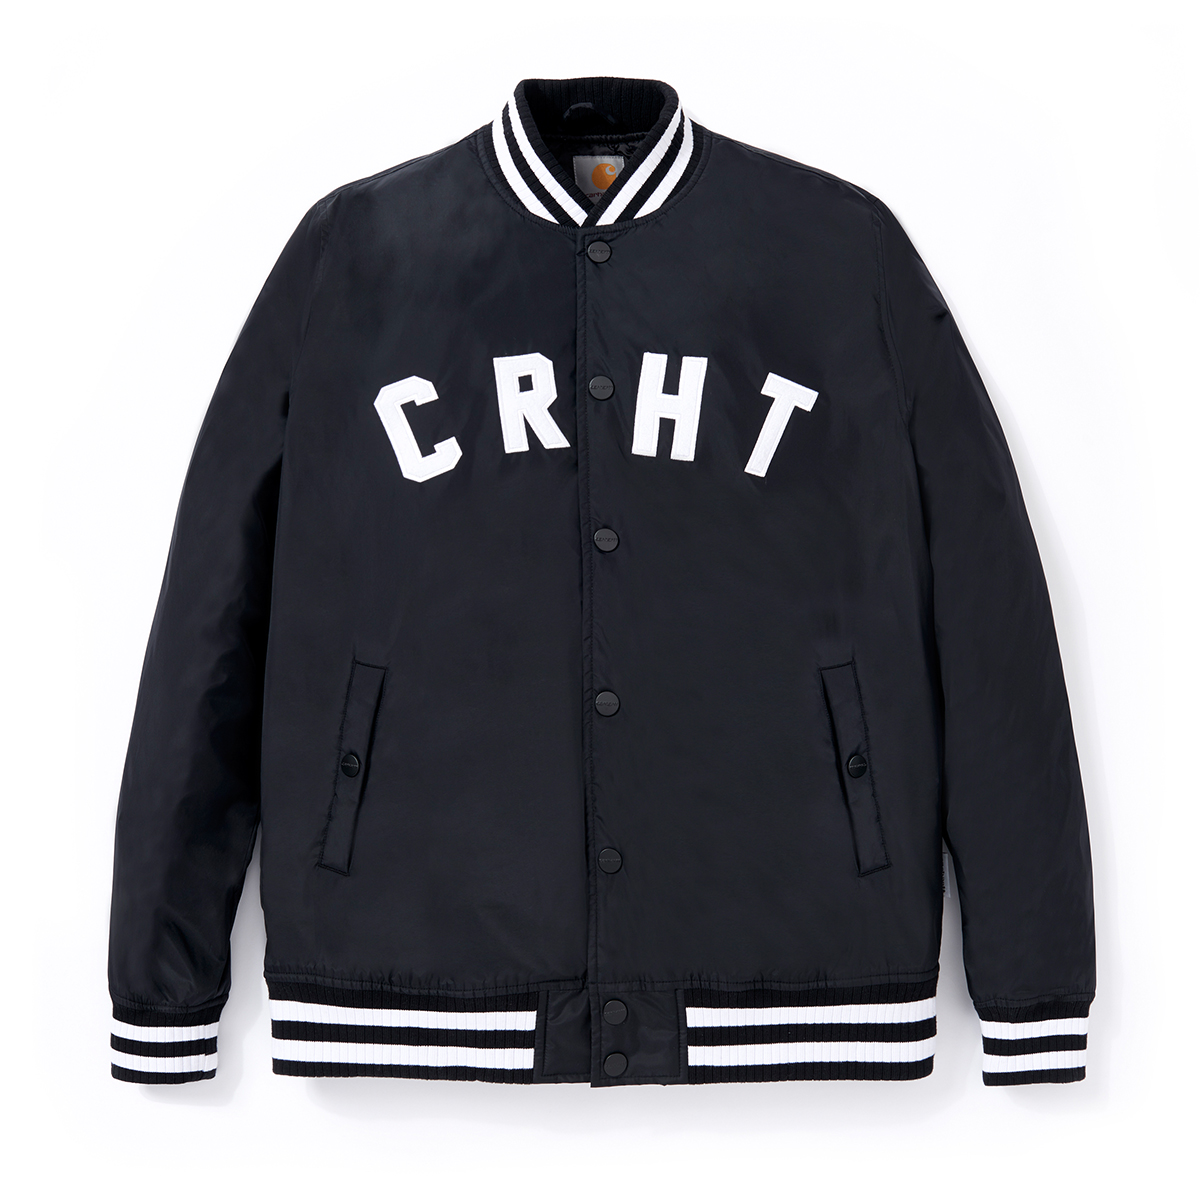 Stadium CRHT Jacket